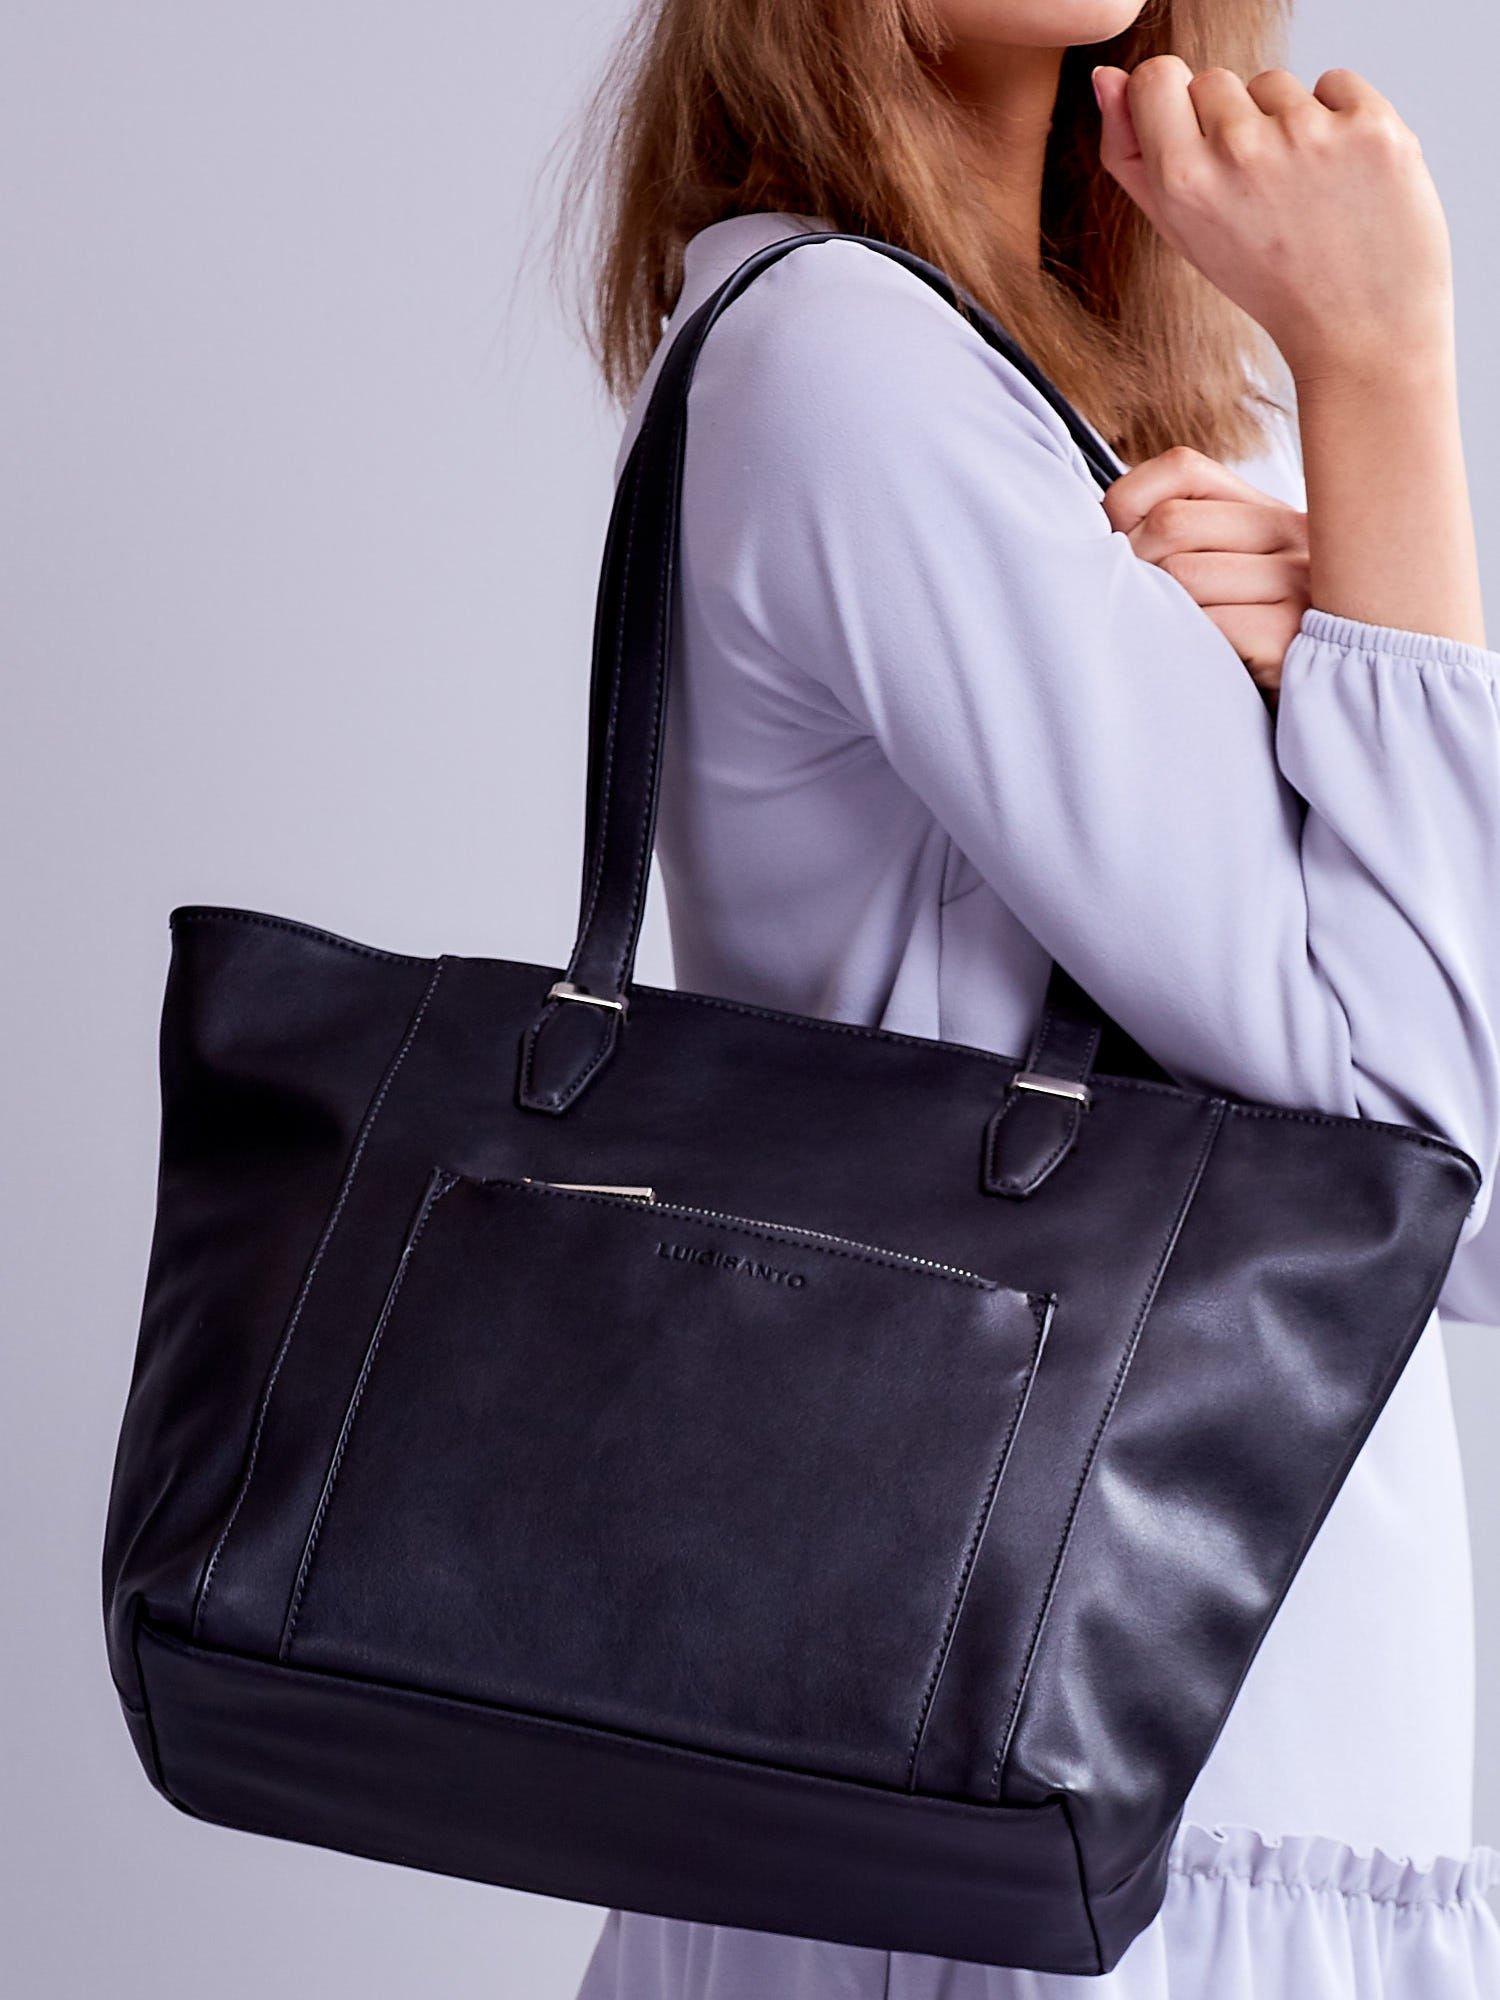 434b15ff5f877 Czarna torba shopper z ozdobną kieszenią - Akcesoria torba - sklep ...